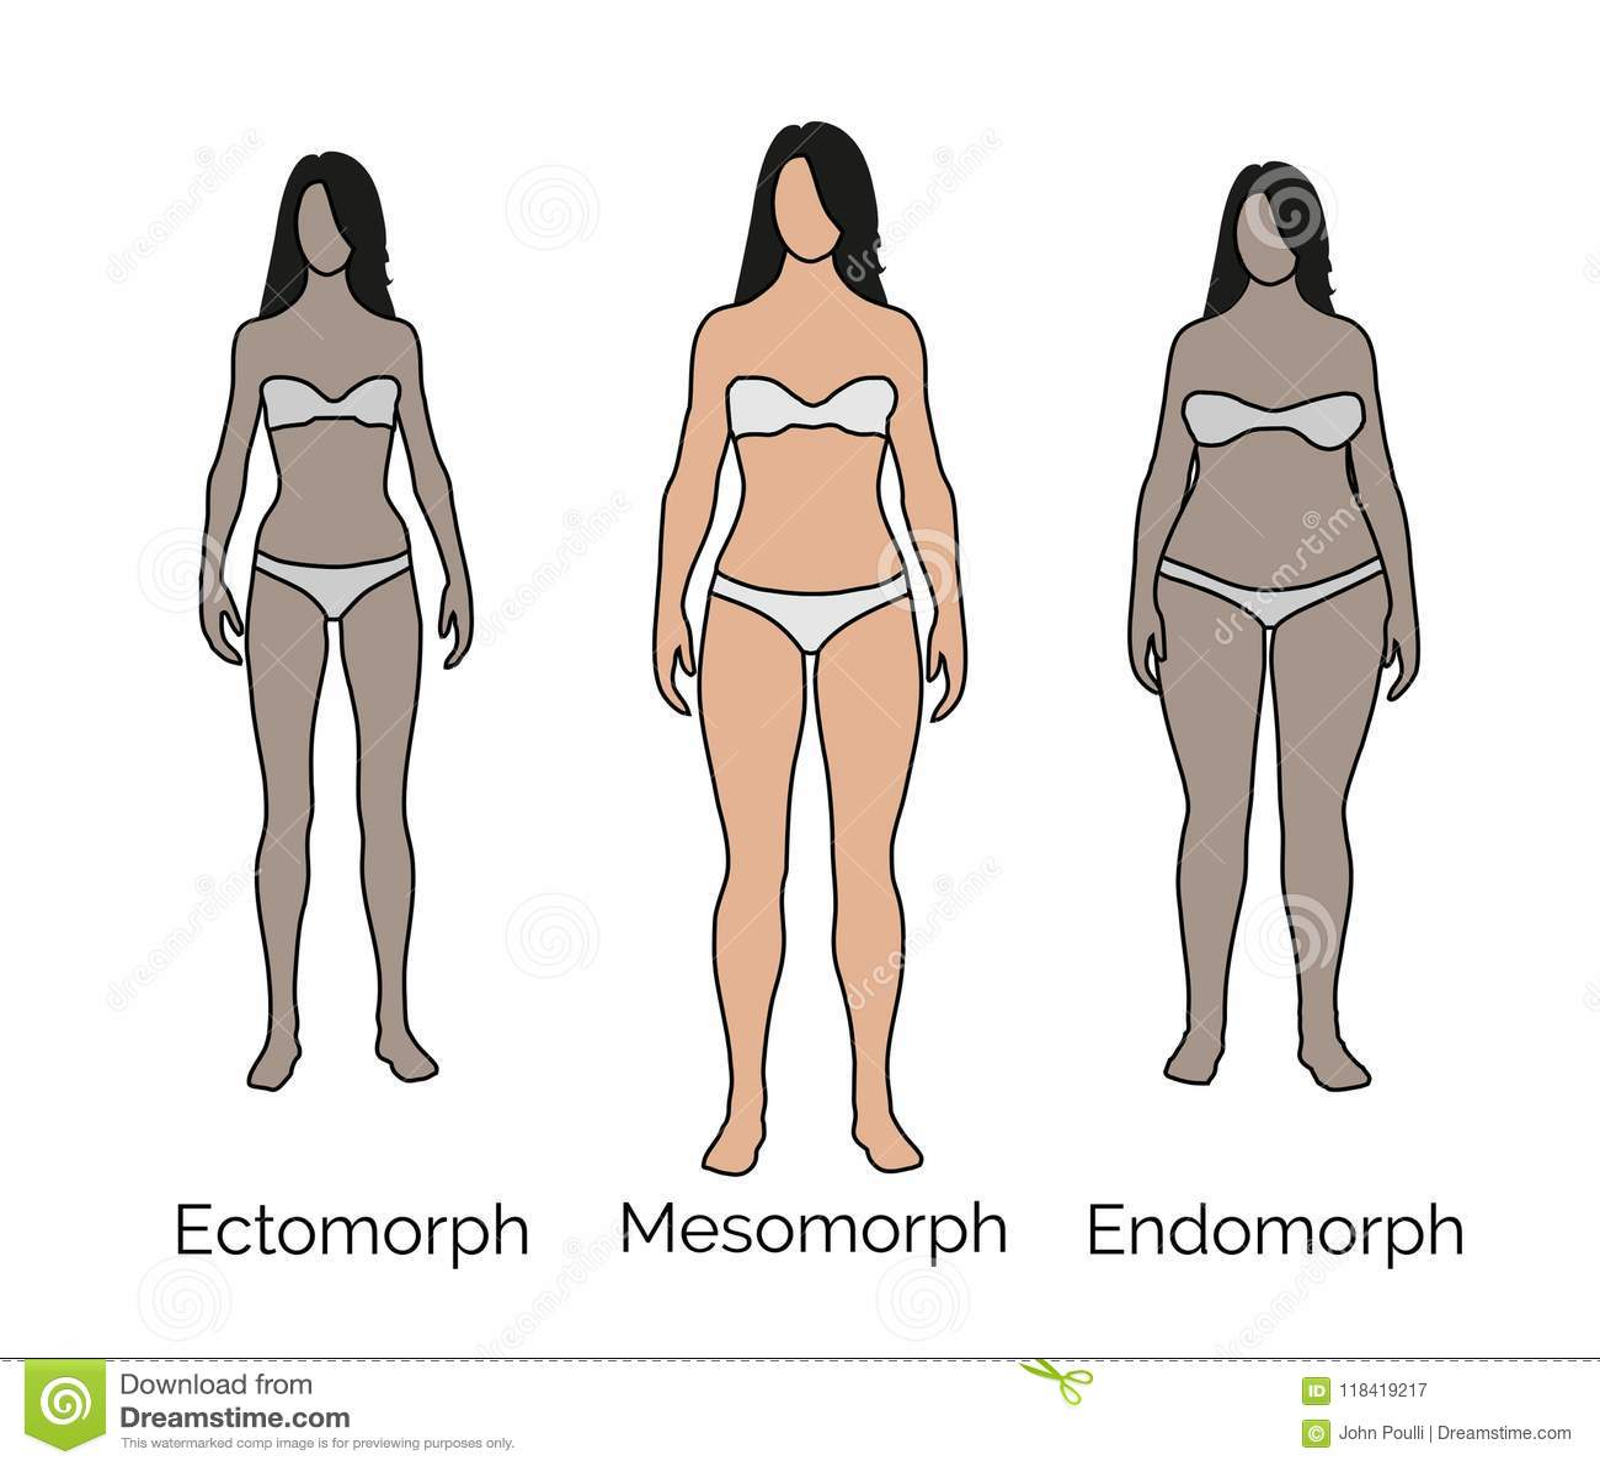 Mesomorph Female - Medium Body Frame Stock Illustration ...